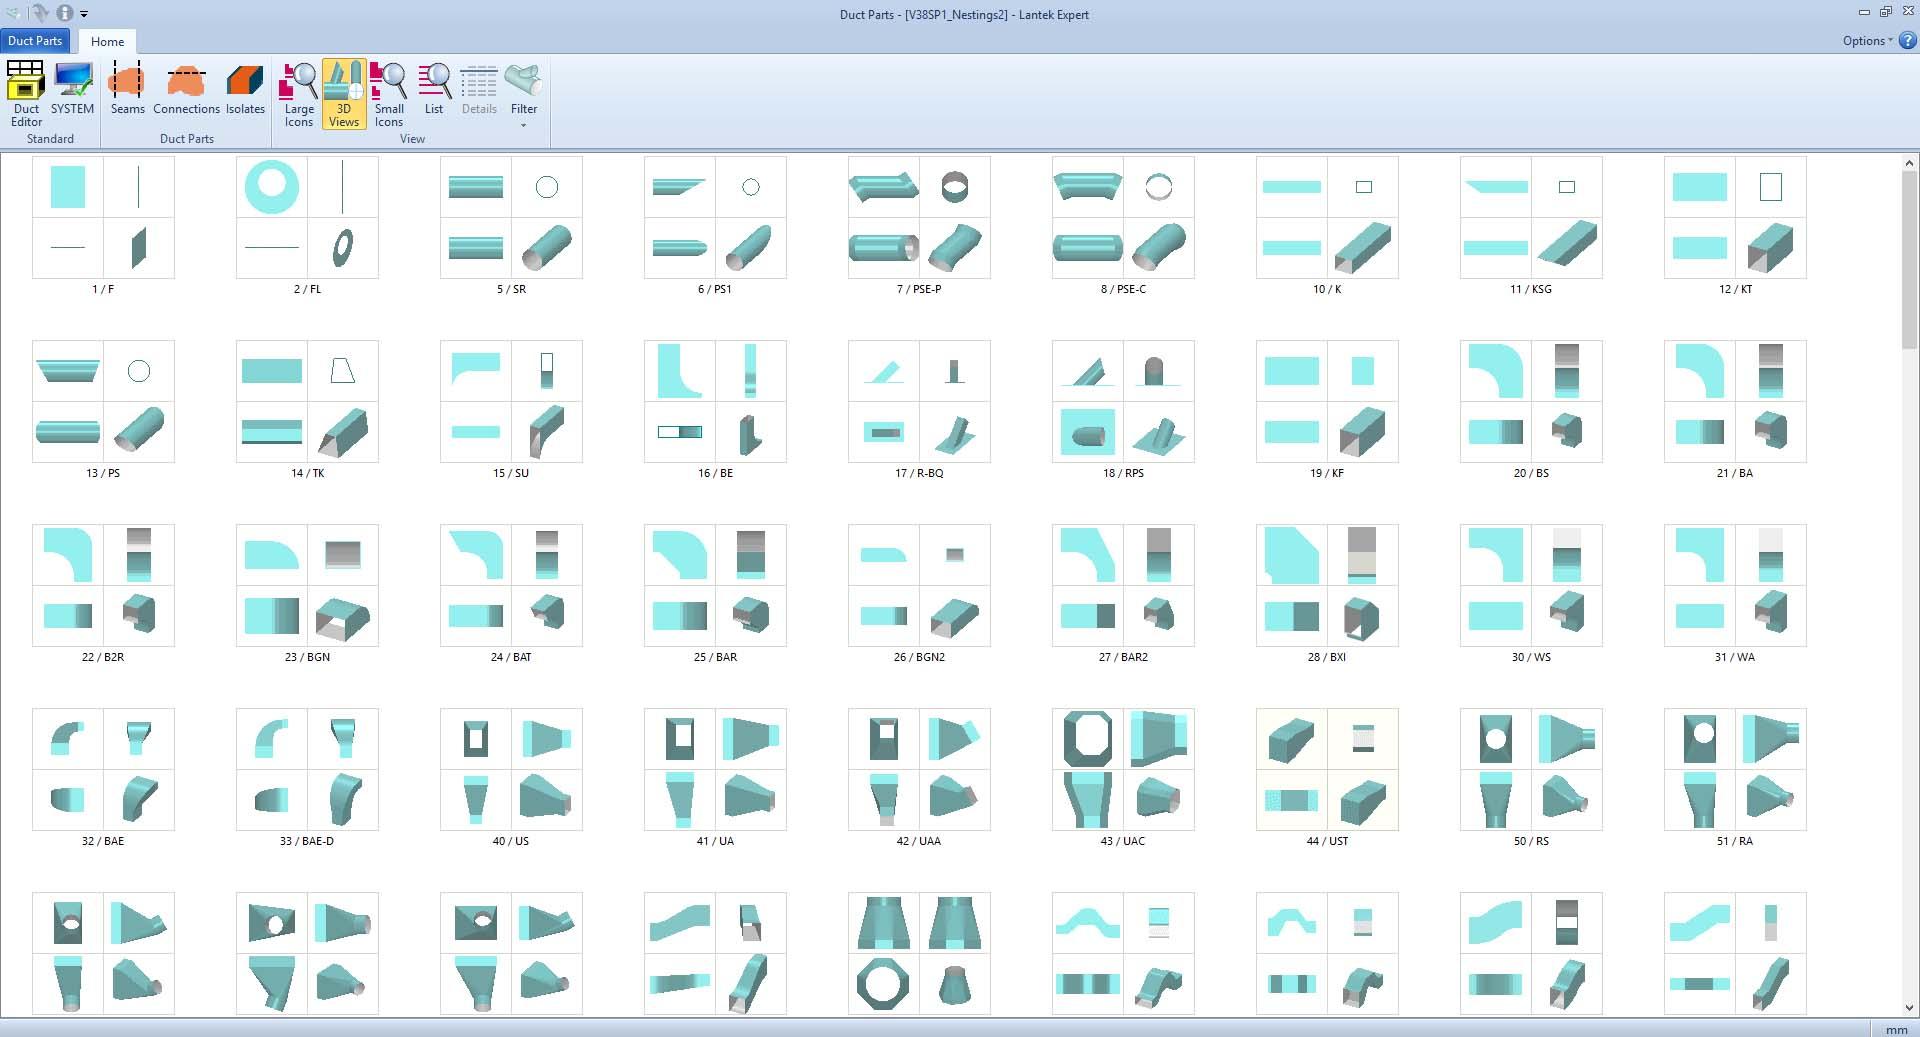 Lantek Expert Duct  - Librería de figuras